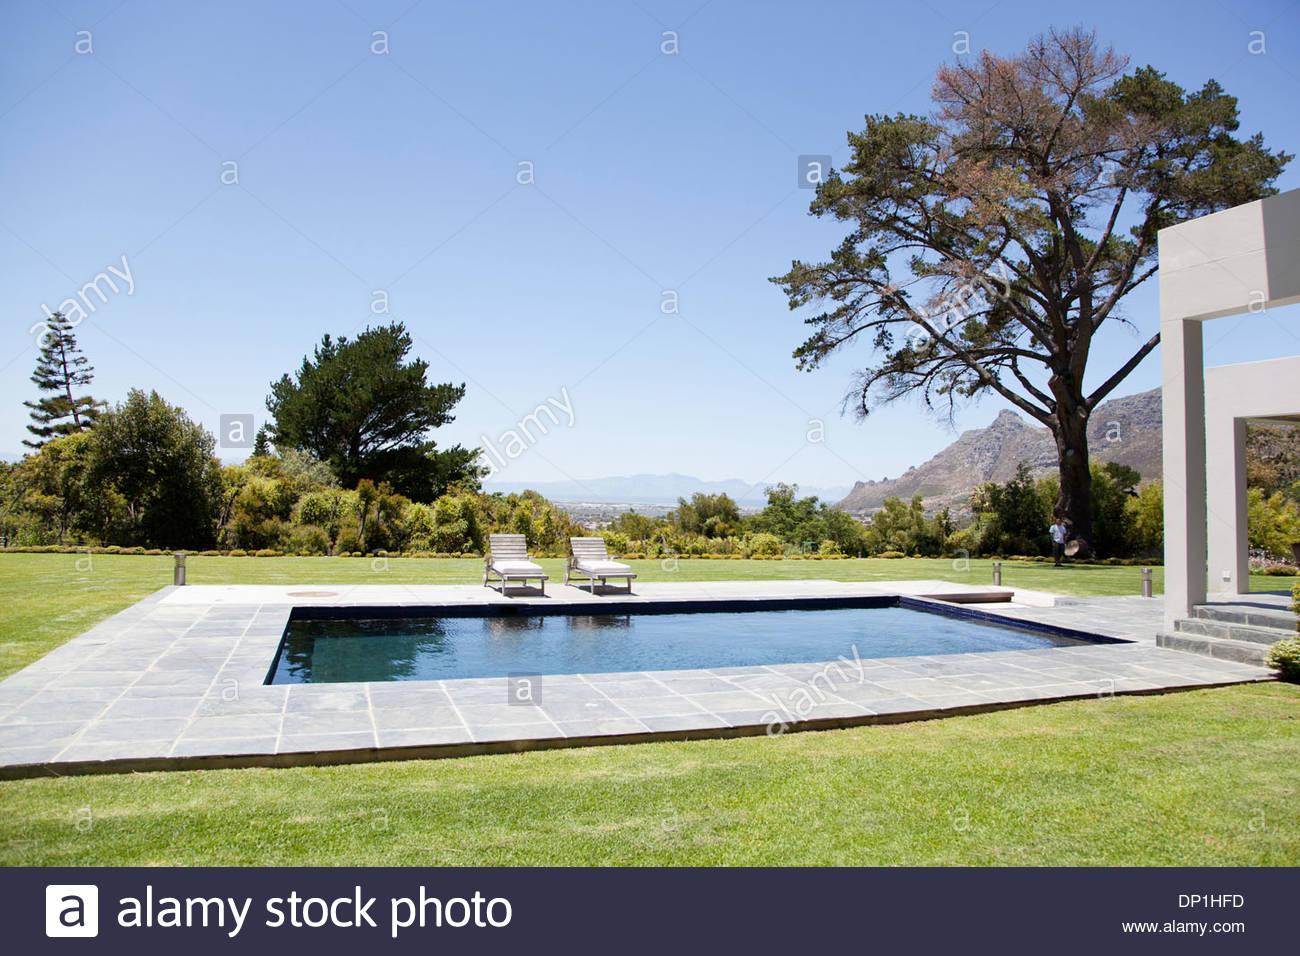 Modern Architecture Stockfotos & Modern Architecture Bilder - Alamy